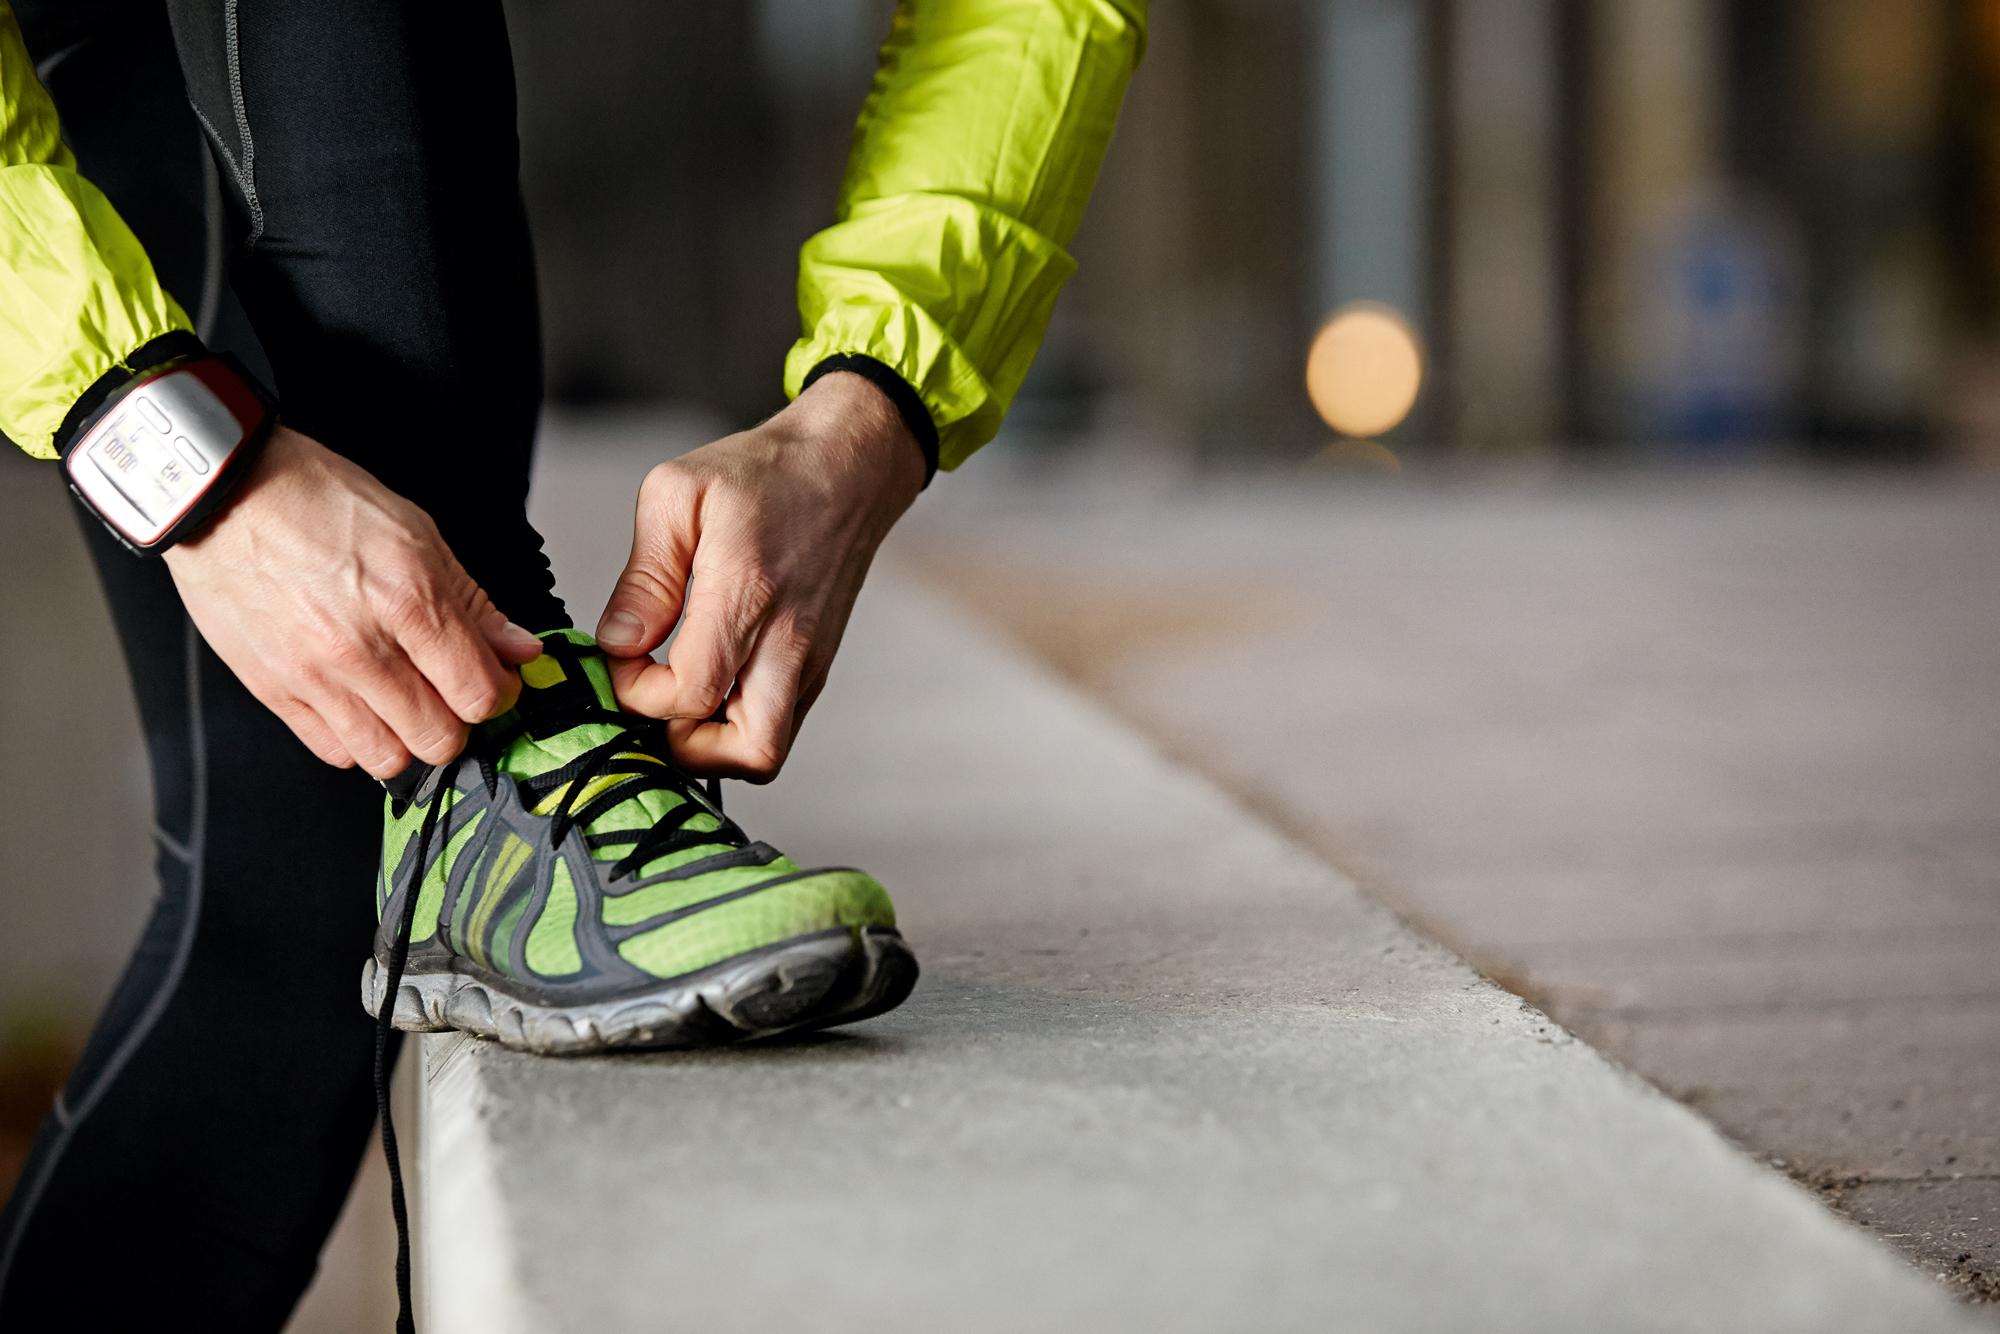 Test af løbesko find dine nye løbesko | Aktiv Træning